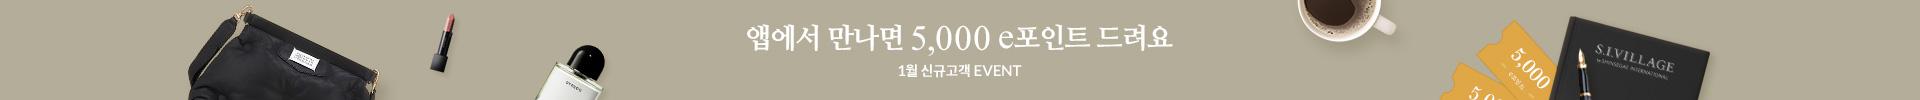 1월 신규회원 5,000 e포인트 쇼핑지원금